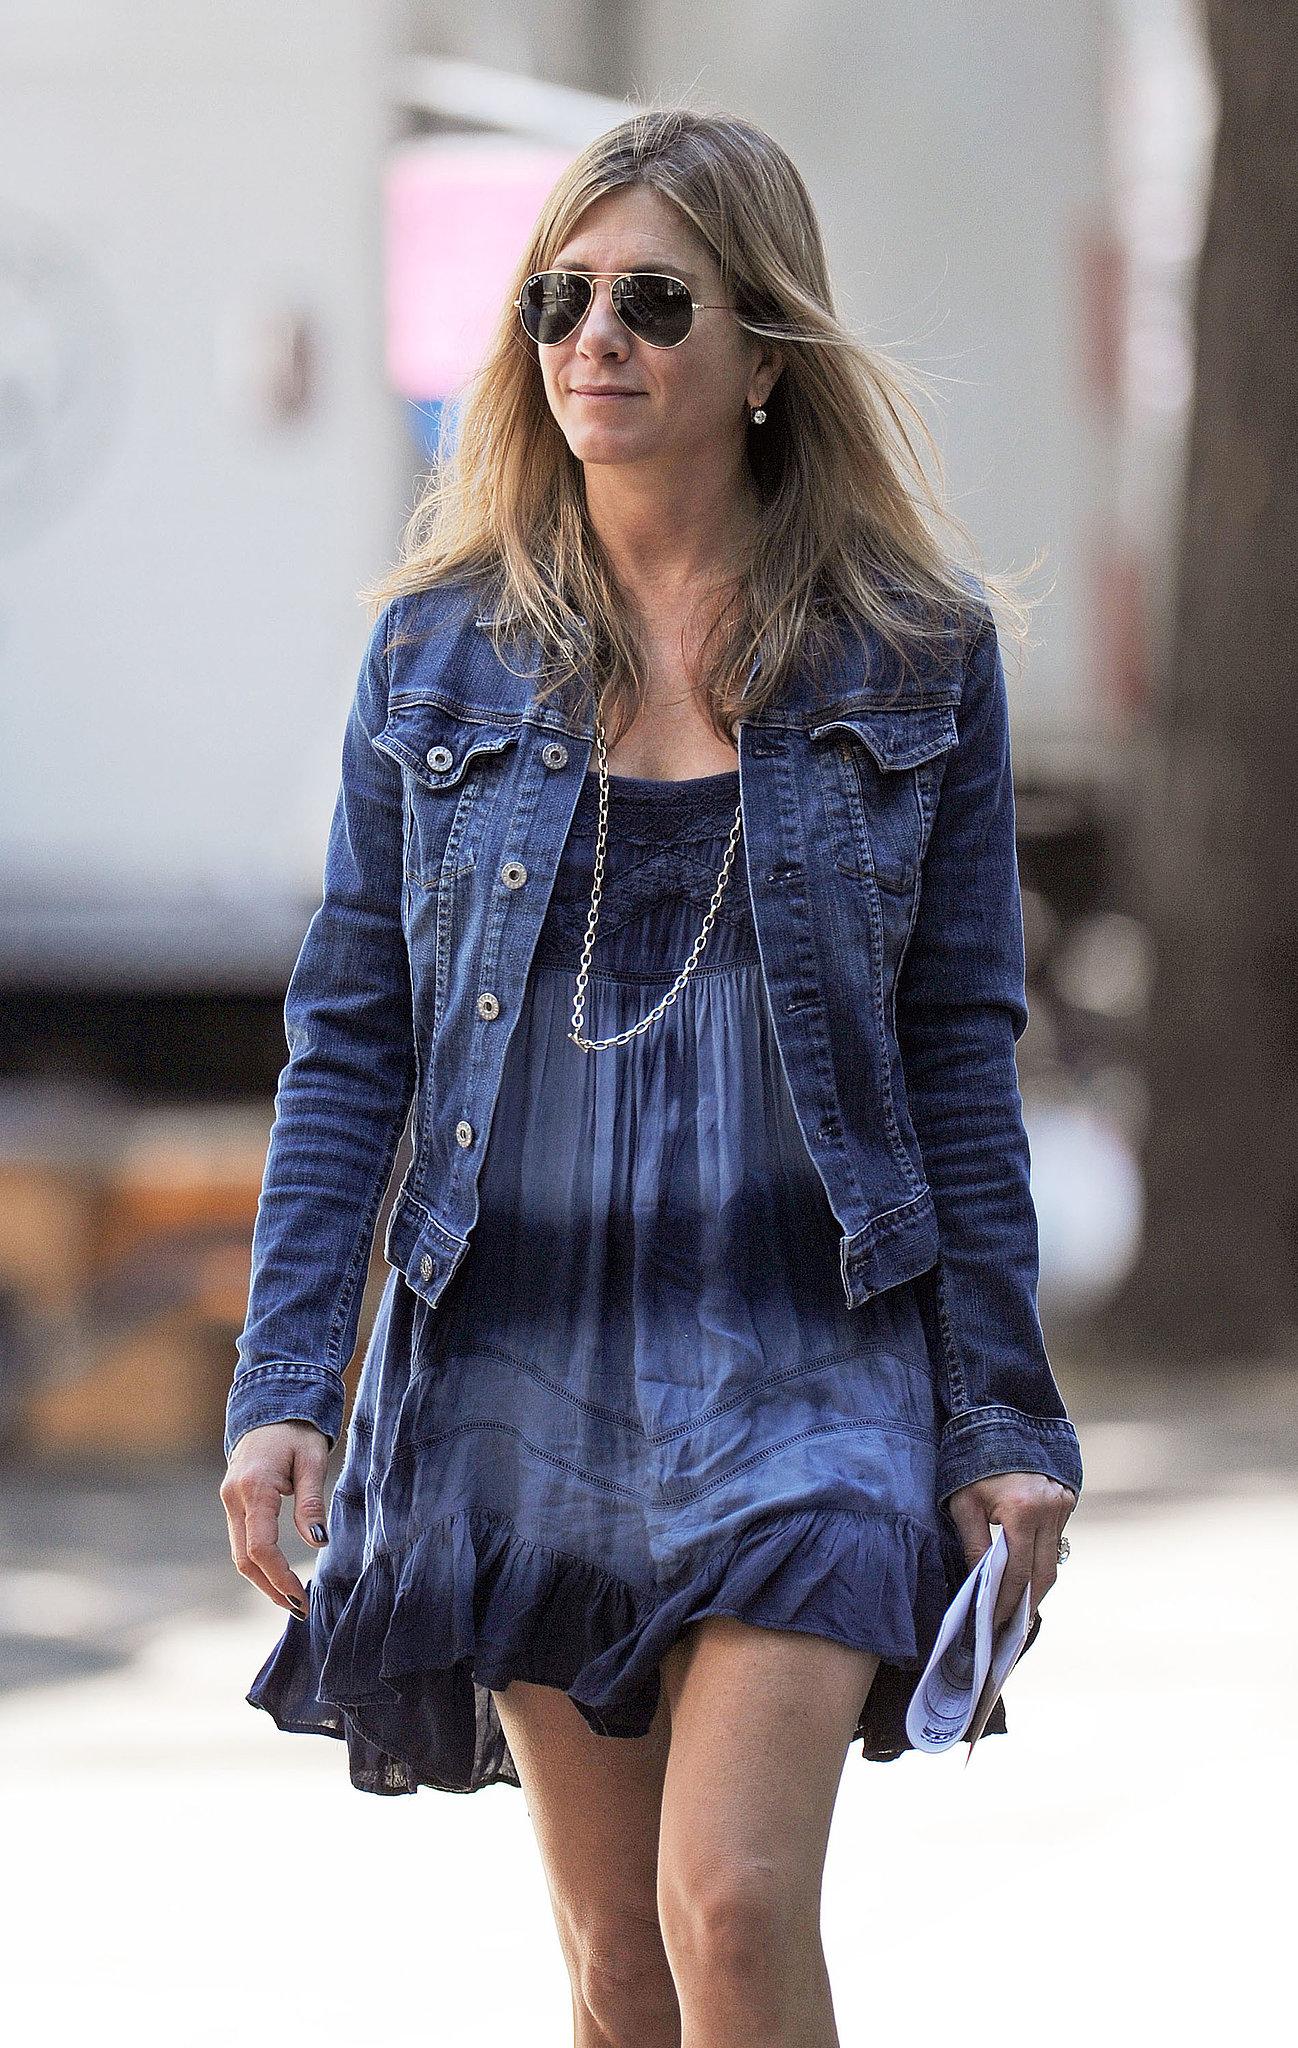 Jennifer Aniston made a July 30 stop by the set.